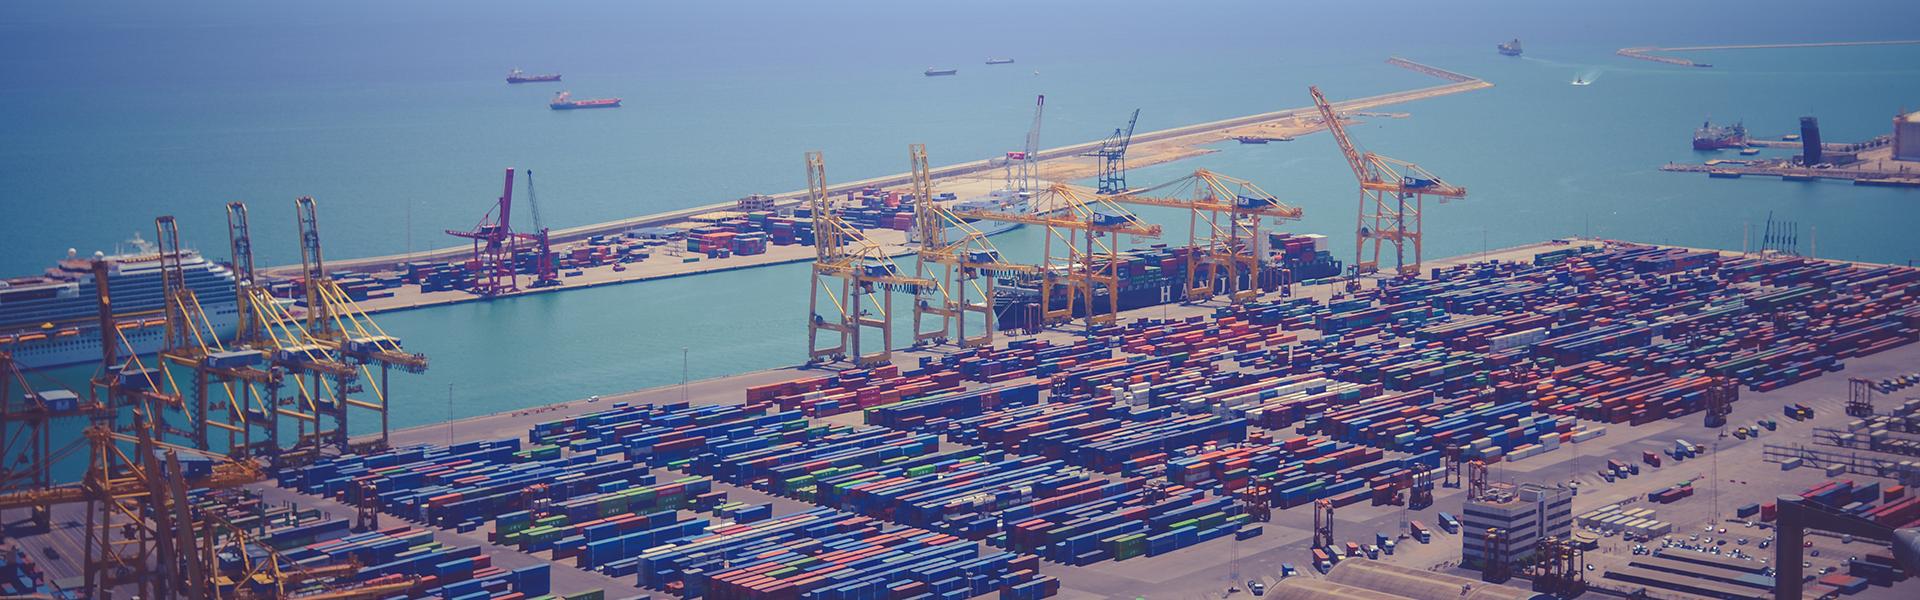 Puerto Limon Spc Logistics Servicios De Agenciamiento Maritimo Y Logistica